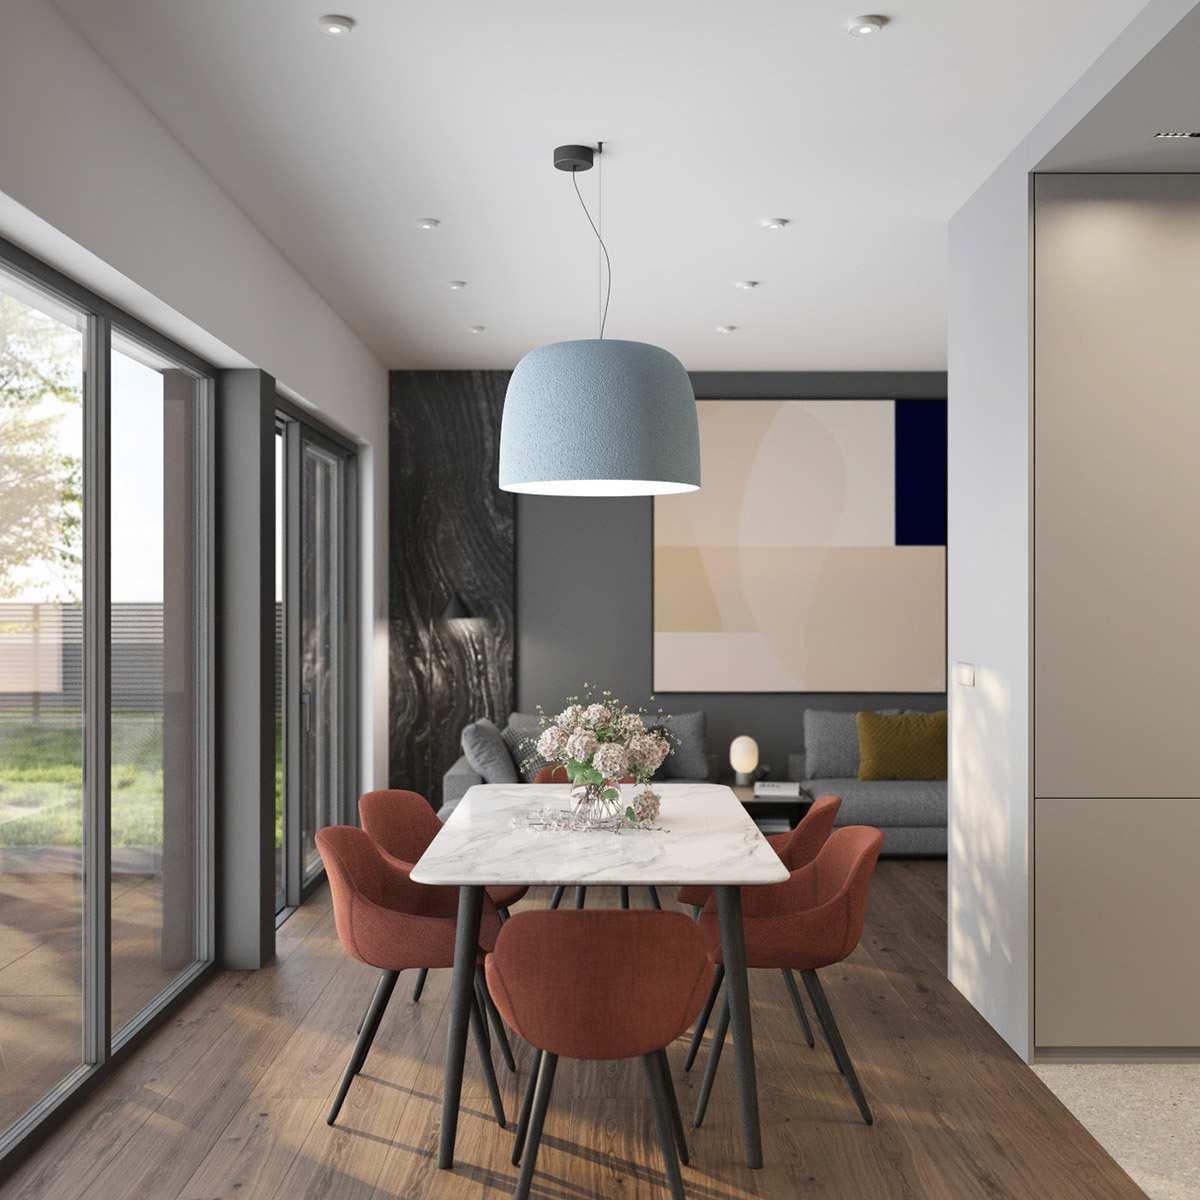 طراحی داخلی 3 نمونه آپارتمان با تم خاکستری - Grey Based Decor 111